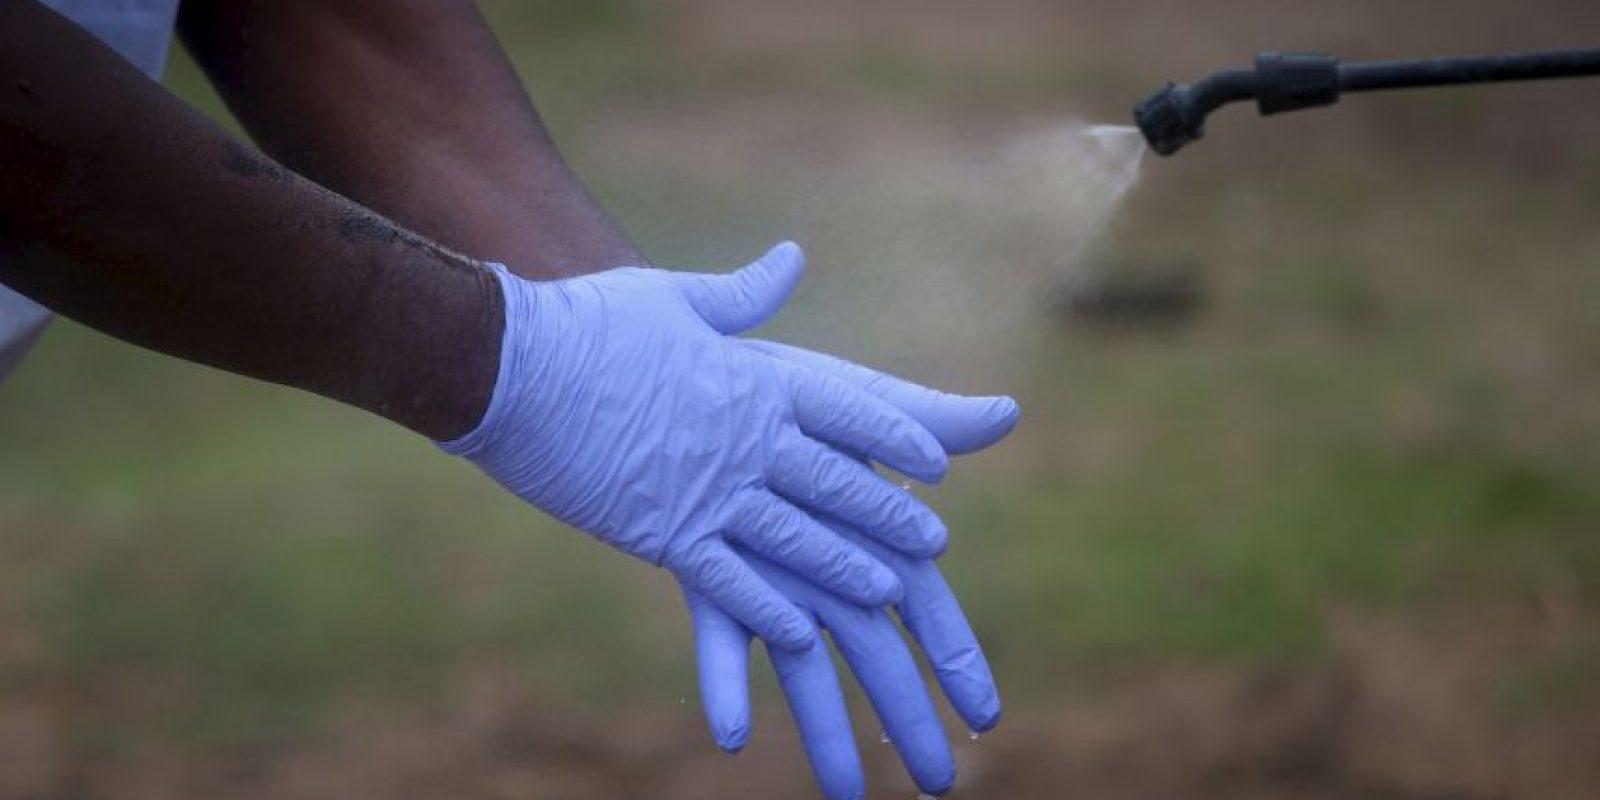 """El virus del Ébola se transmite a través del """"contacto estrecho con órganos, sangre, secreciones u otros líquidos corporales de animales infectados"""". Foto:Getty Images"""